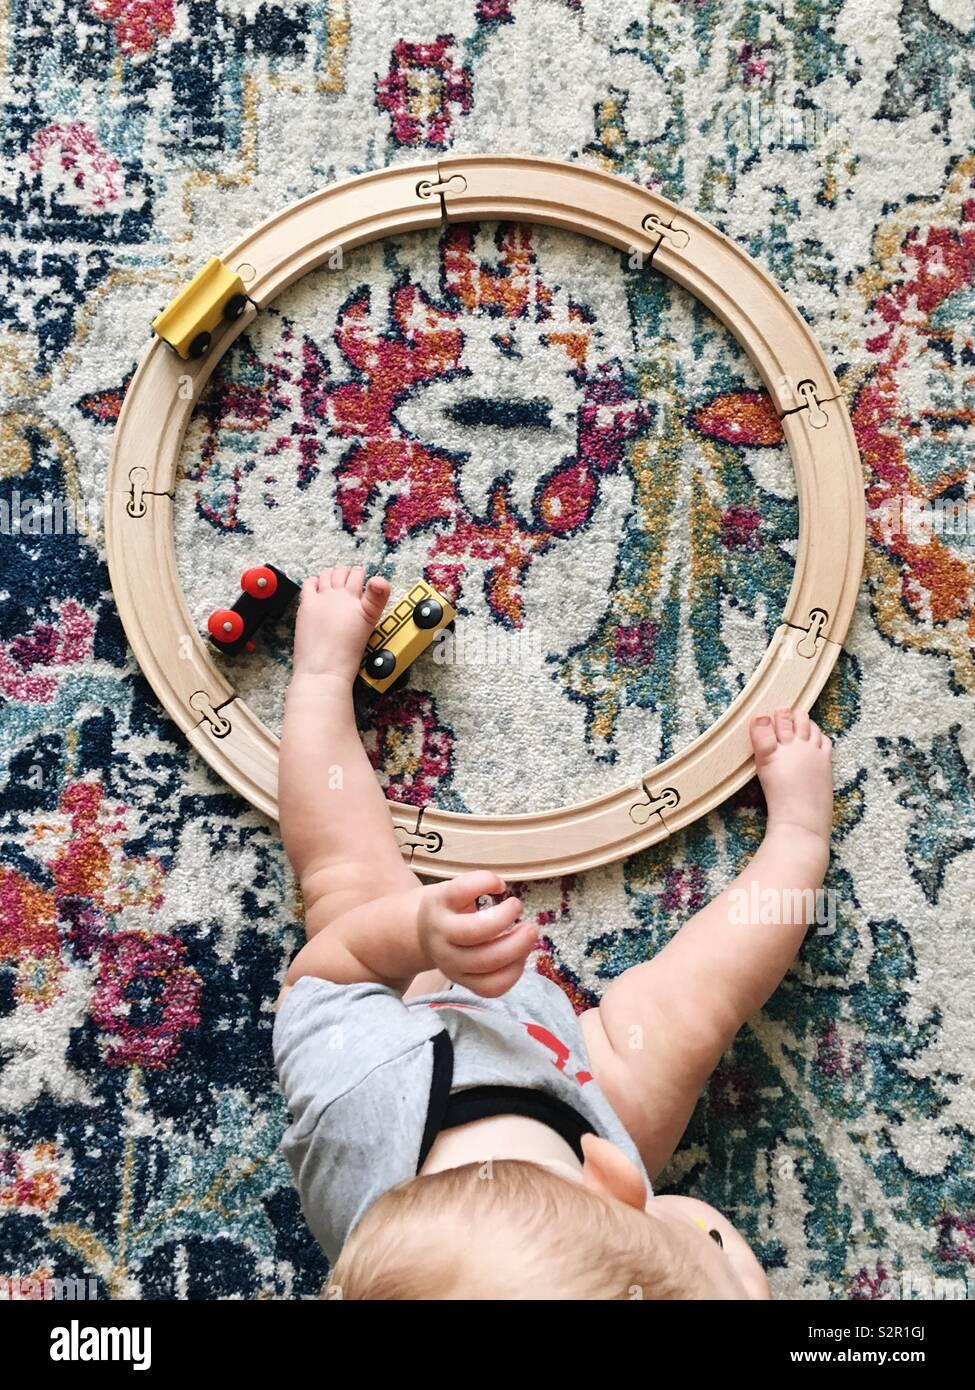 Vista aérea de un círculo pequeño tren de juguete vía y trenes en una colorida alfombra con las piernas de un bebé a través de la pista. Foto de stock